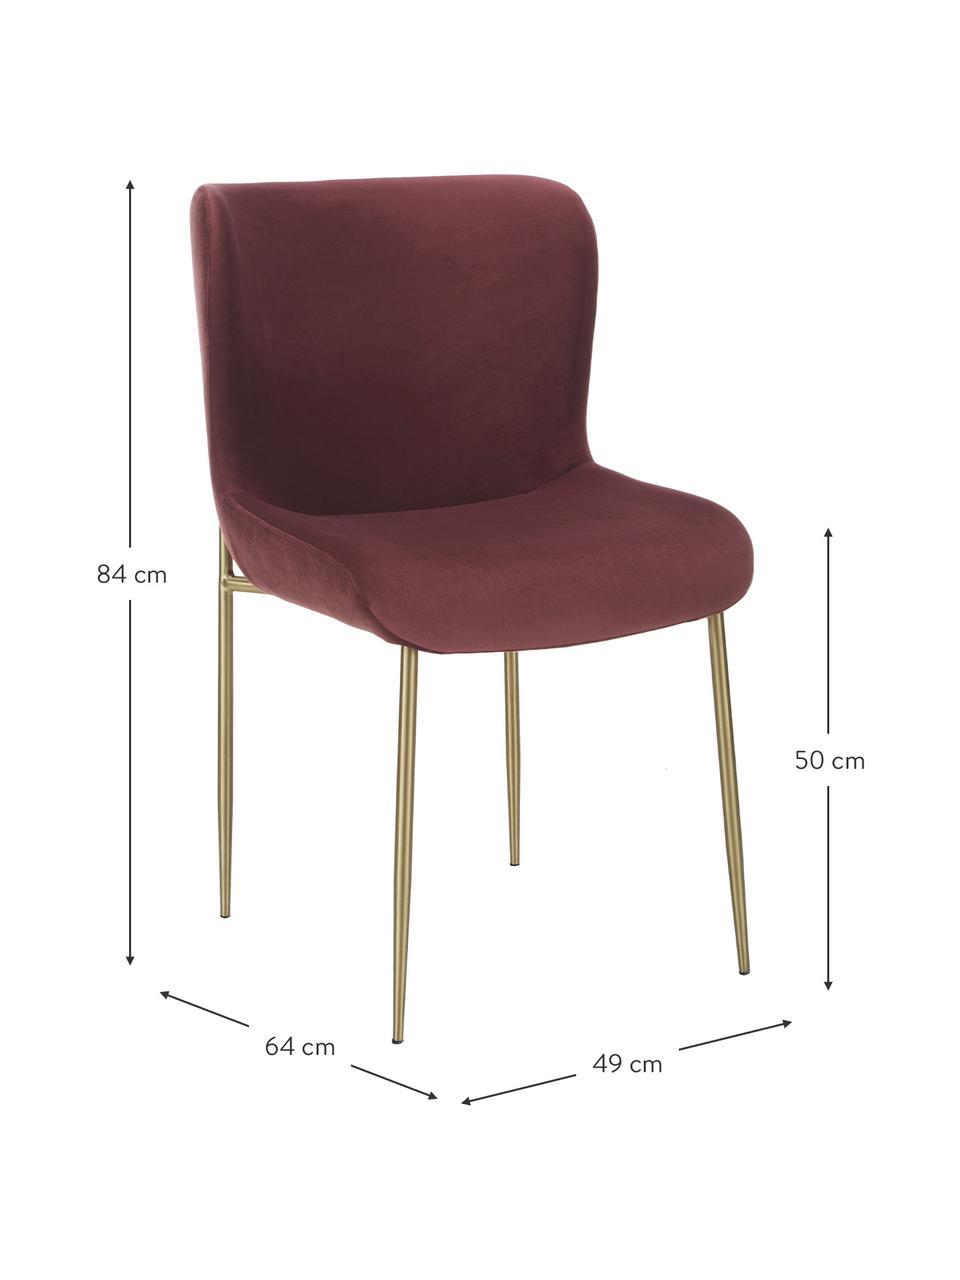 Samt-Polsterstuhl Tess in Bordeaux, Bezug: Samt (Polyester) Der hoch, Beine: Metall, beschichtet, Samt Bordeaux, Beine Gold, B 49 x T 64 cm